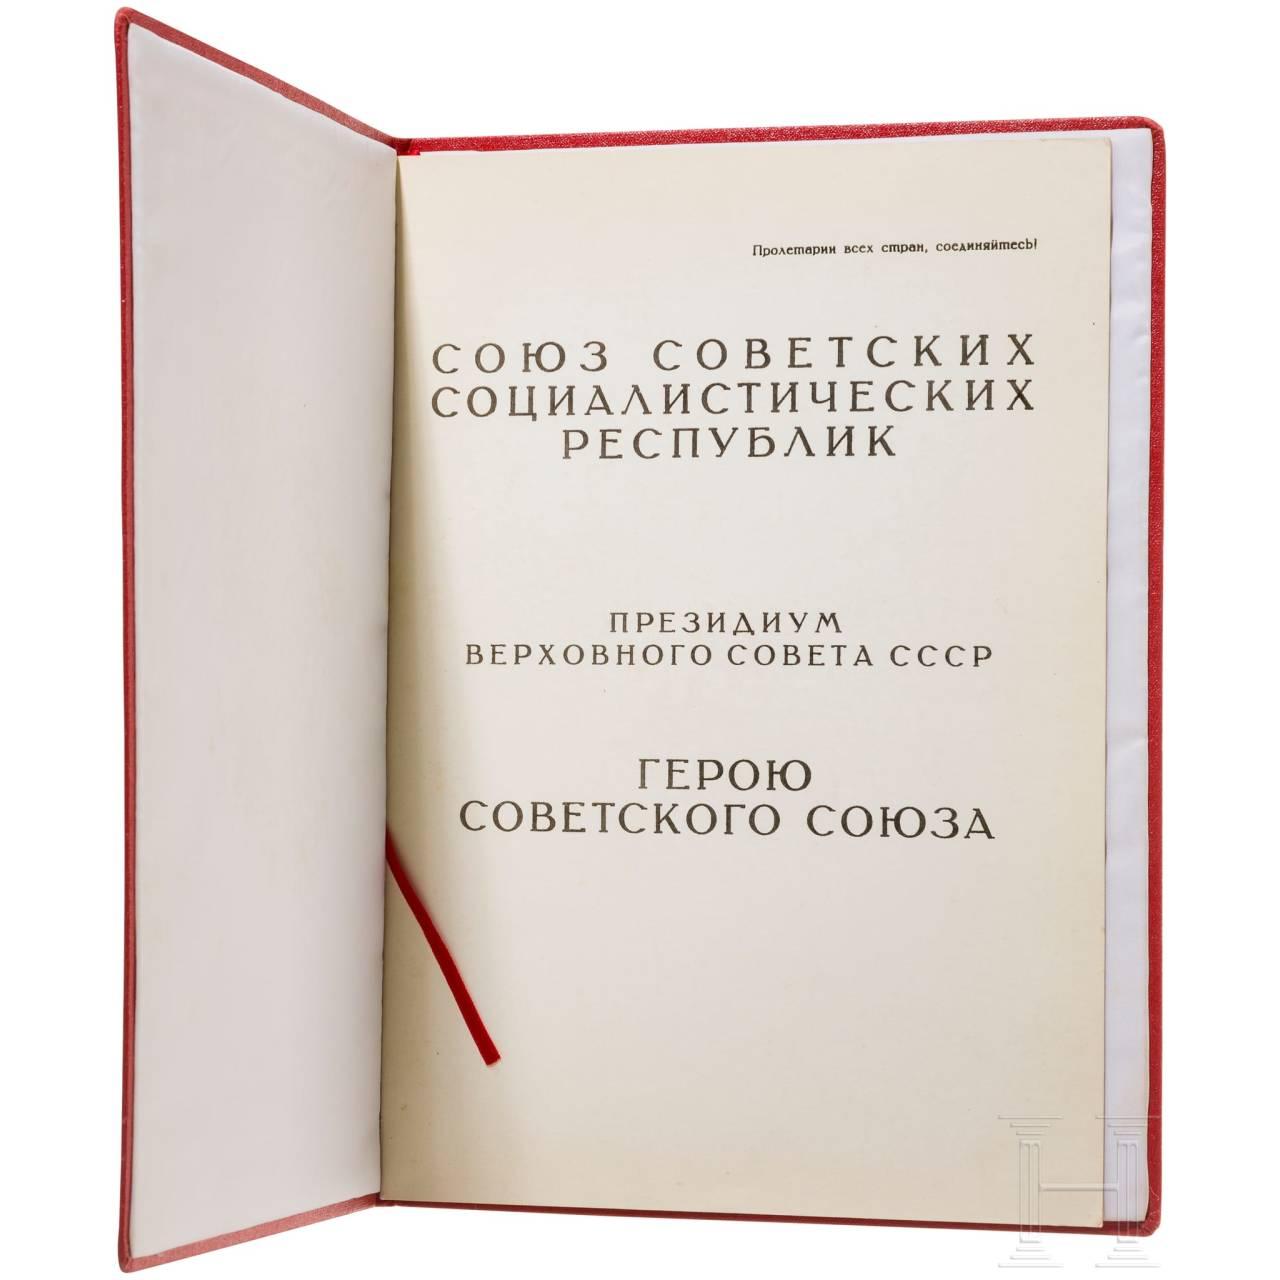 Verleihungsurkunde zum Helden der Sowjetunion von Nikolay Vasilievitch Baranovsky, Sowjetunion, datiert 20. August 1943